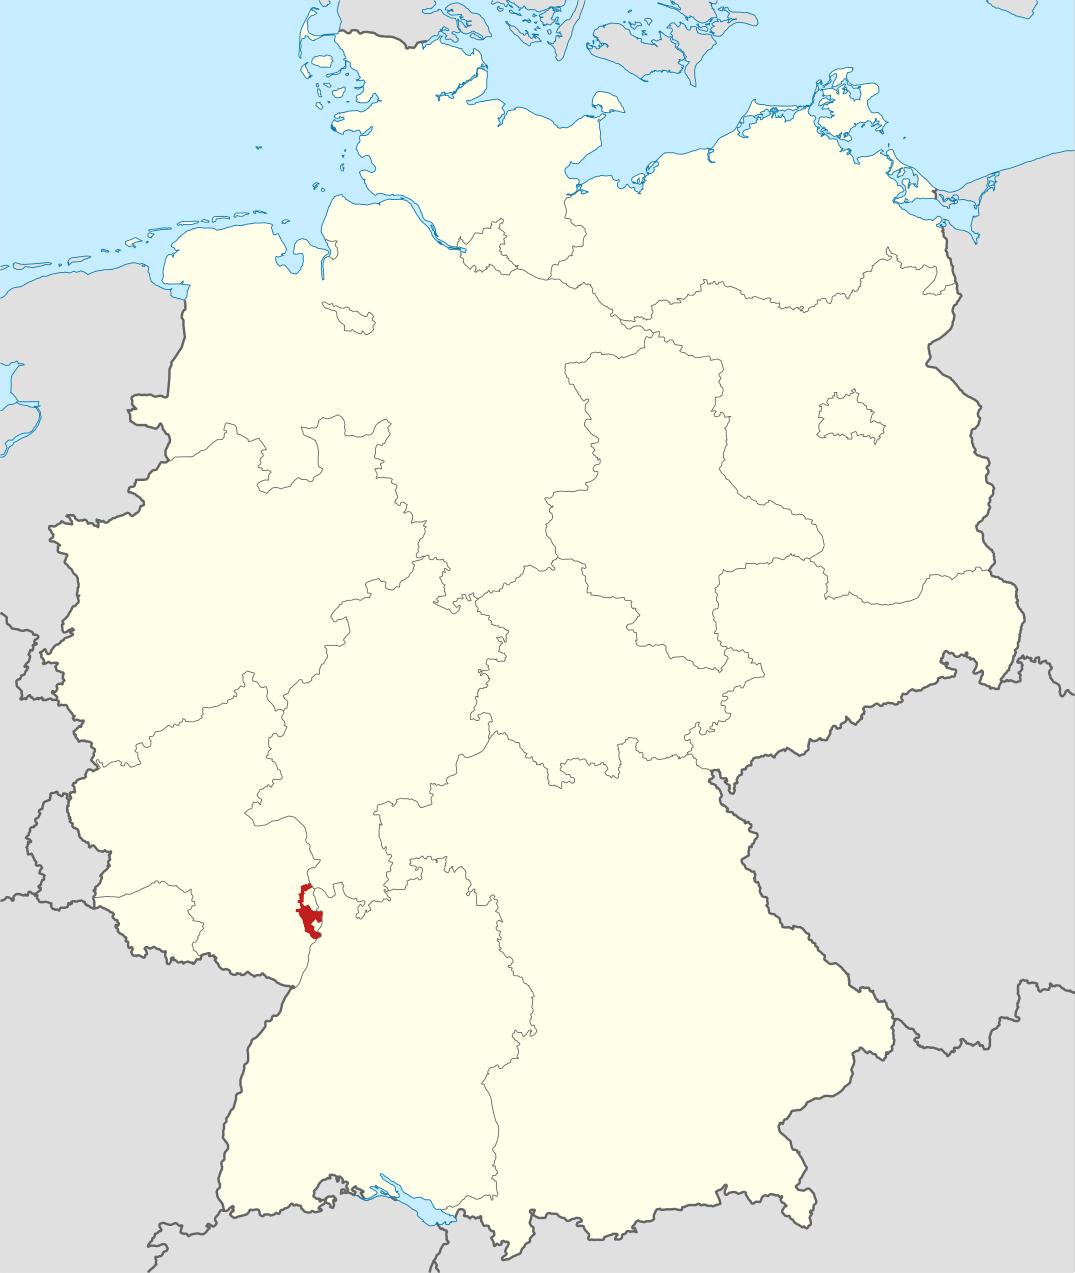 Karte Bundesländer Deutschland Blanko   My Blog innen Deutschlandkarte Bundesländer Blanko